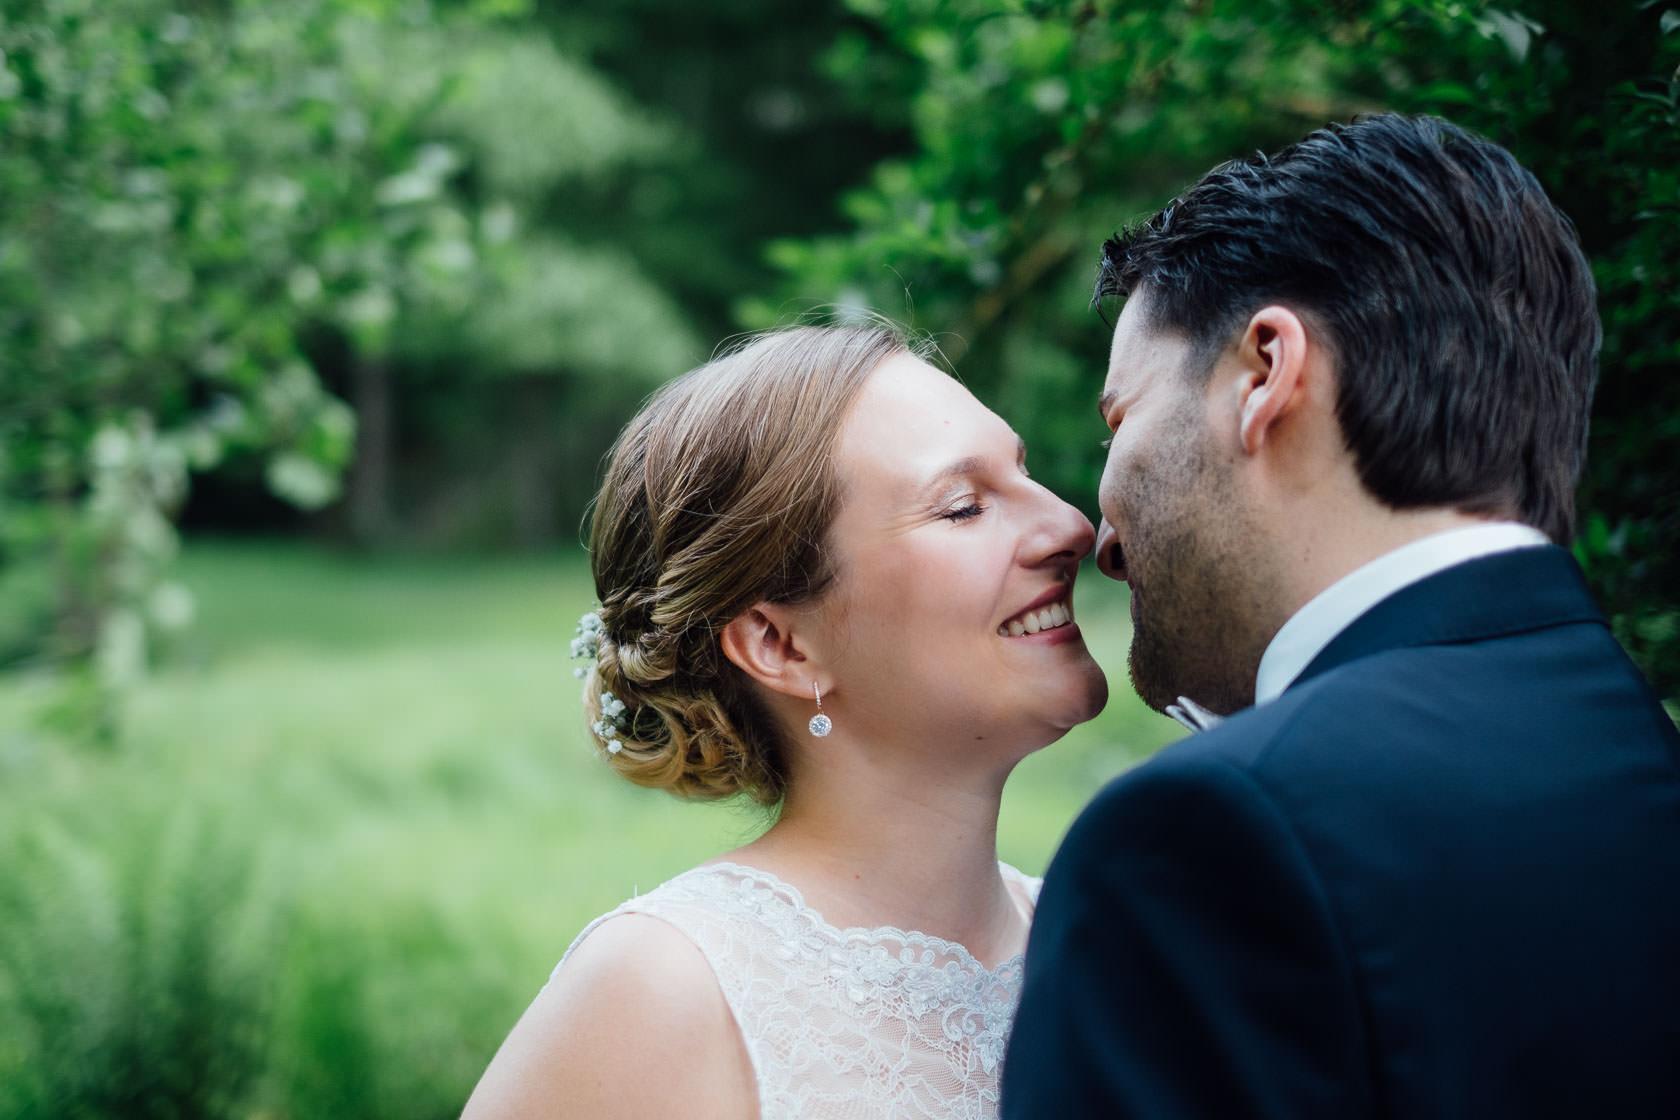 Hochzeitsfotograf Trauhochzeit in der Heidersbacher Muehle Nadine und Michael First Look Brautpaarportraits Paarfotos Hochzeitspaar